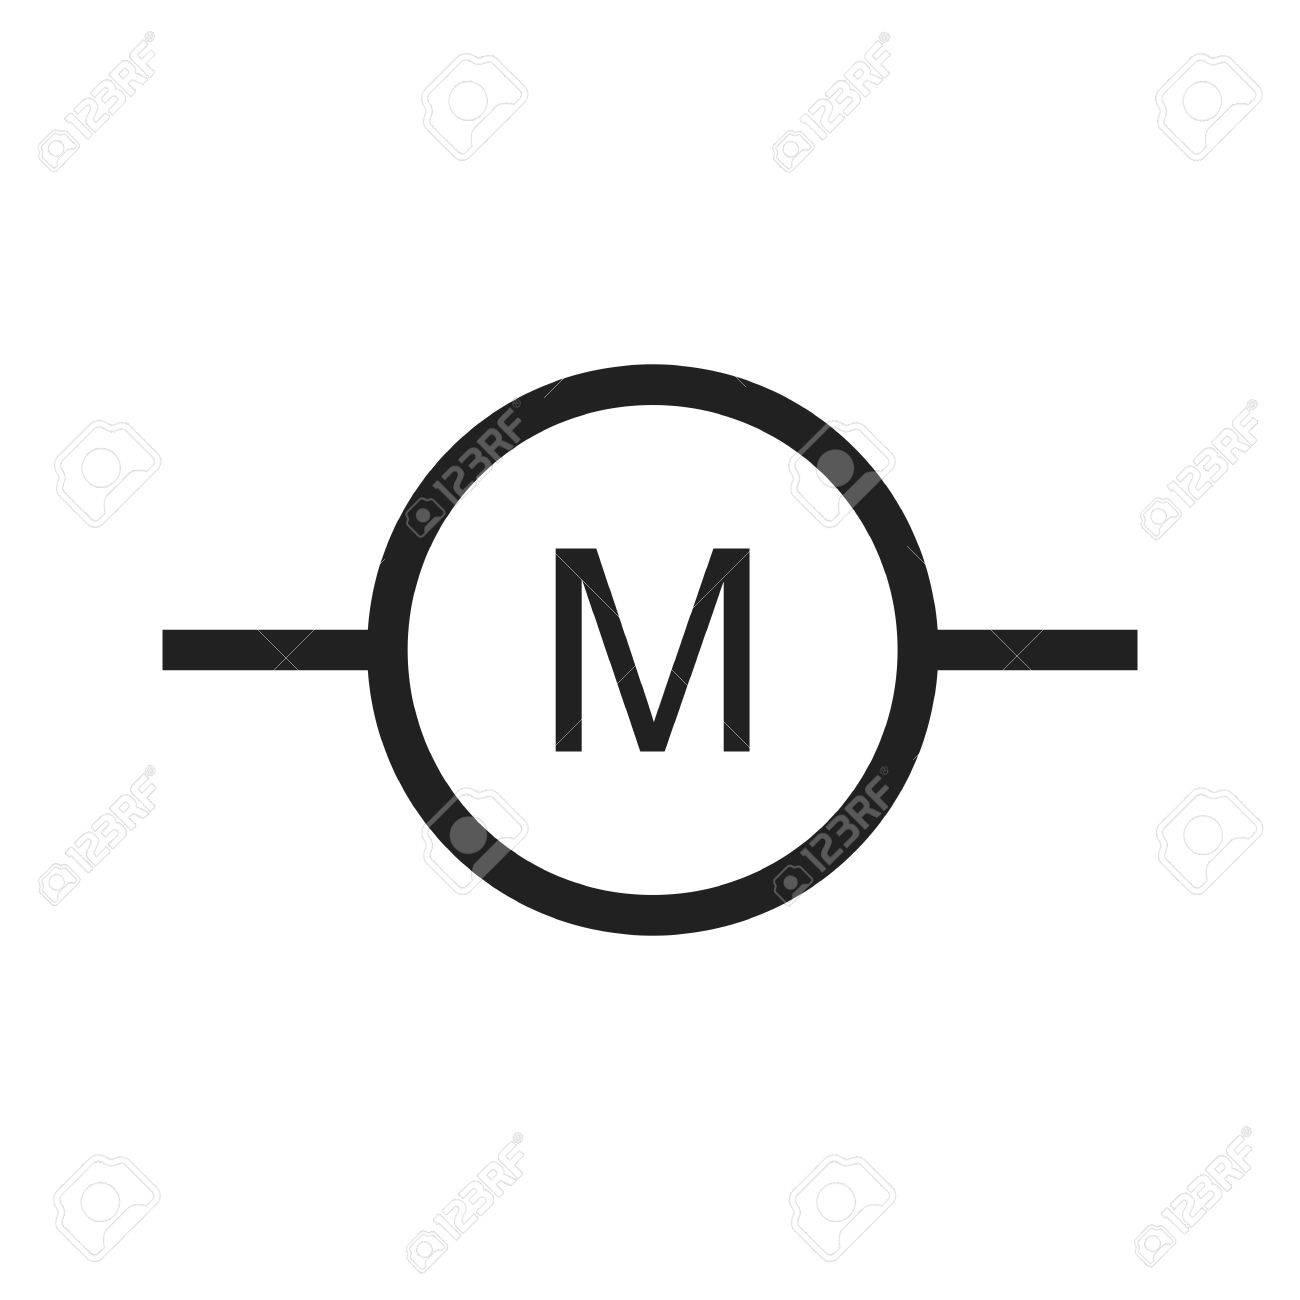 Motor, Elektro-Industrie-Symbol Vektor-Bild. Kann Auch Für ...